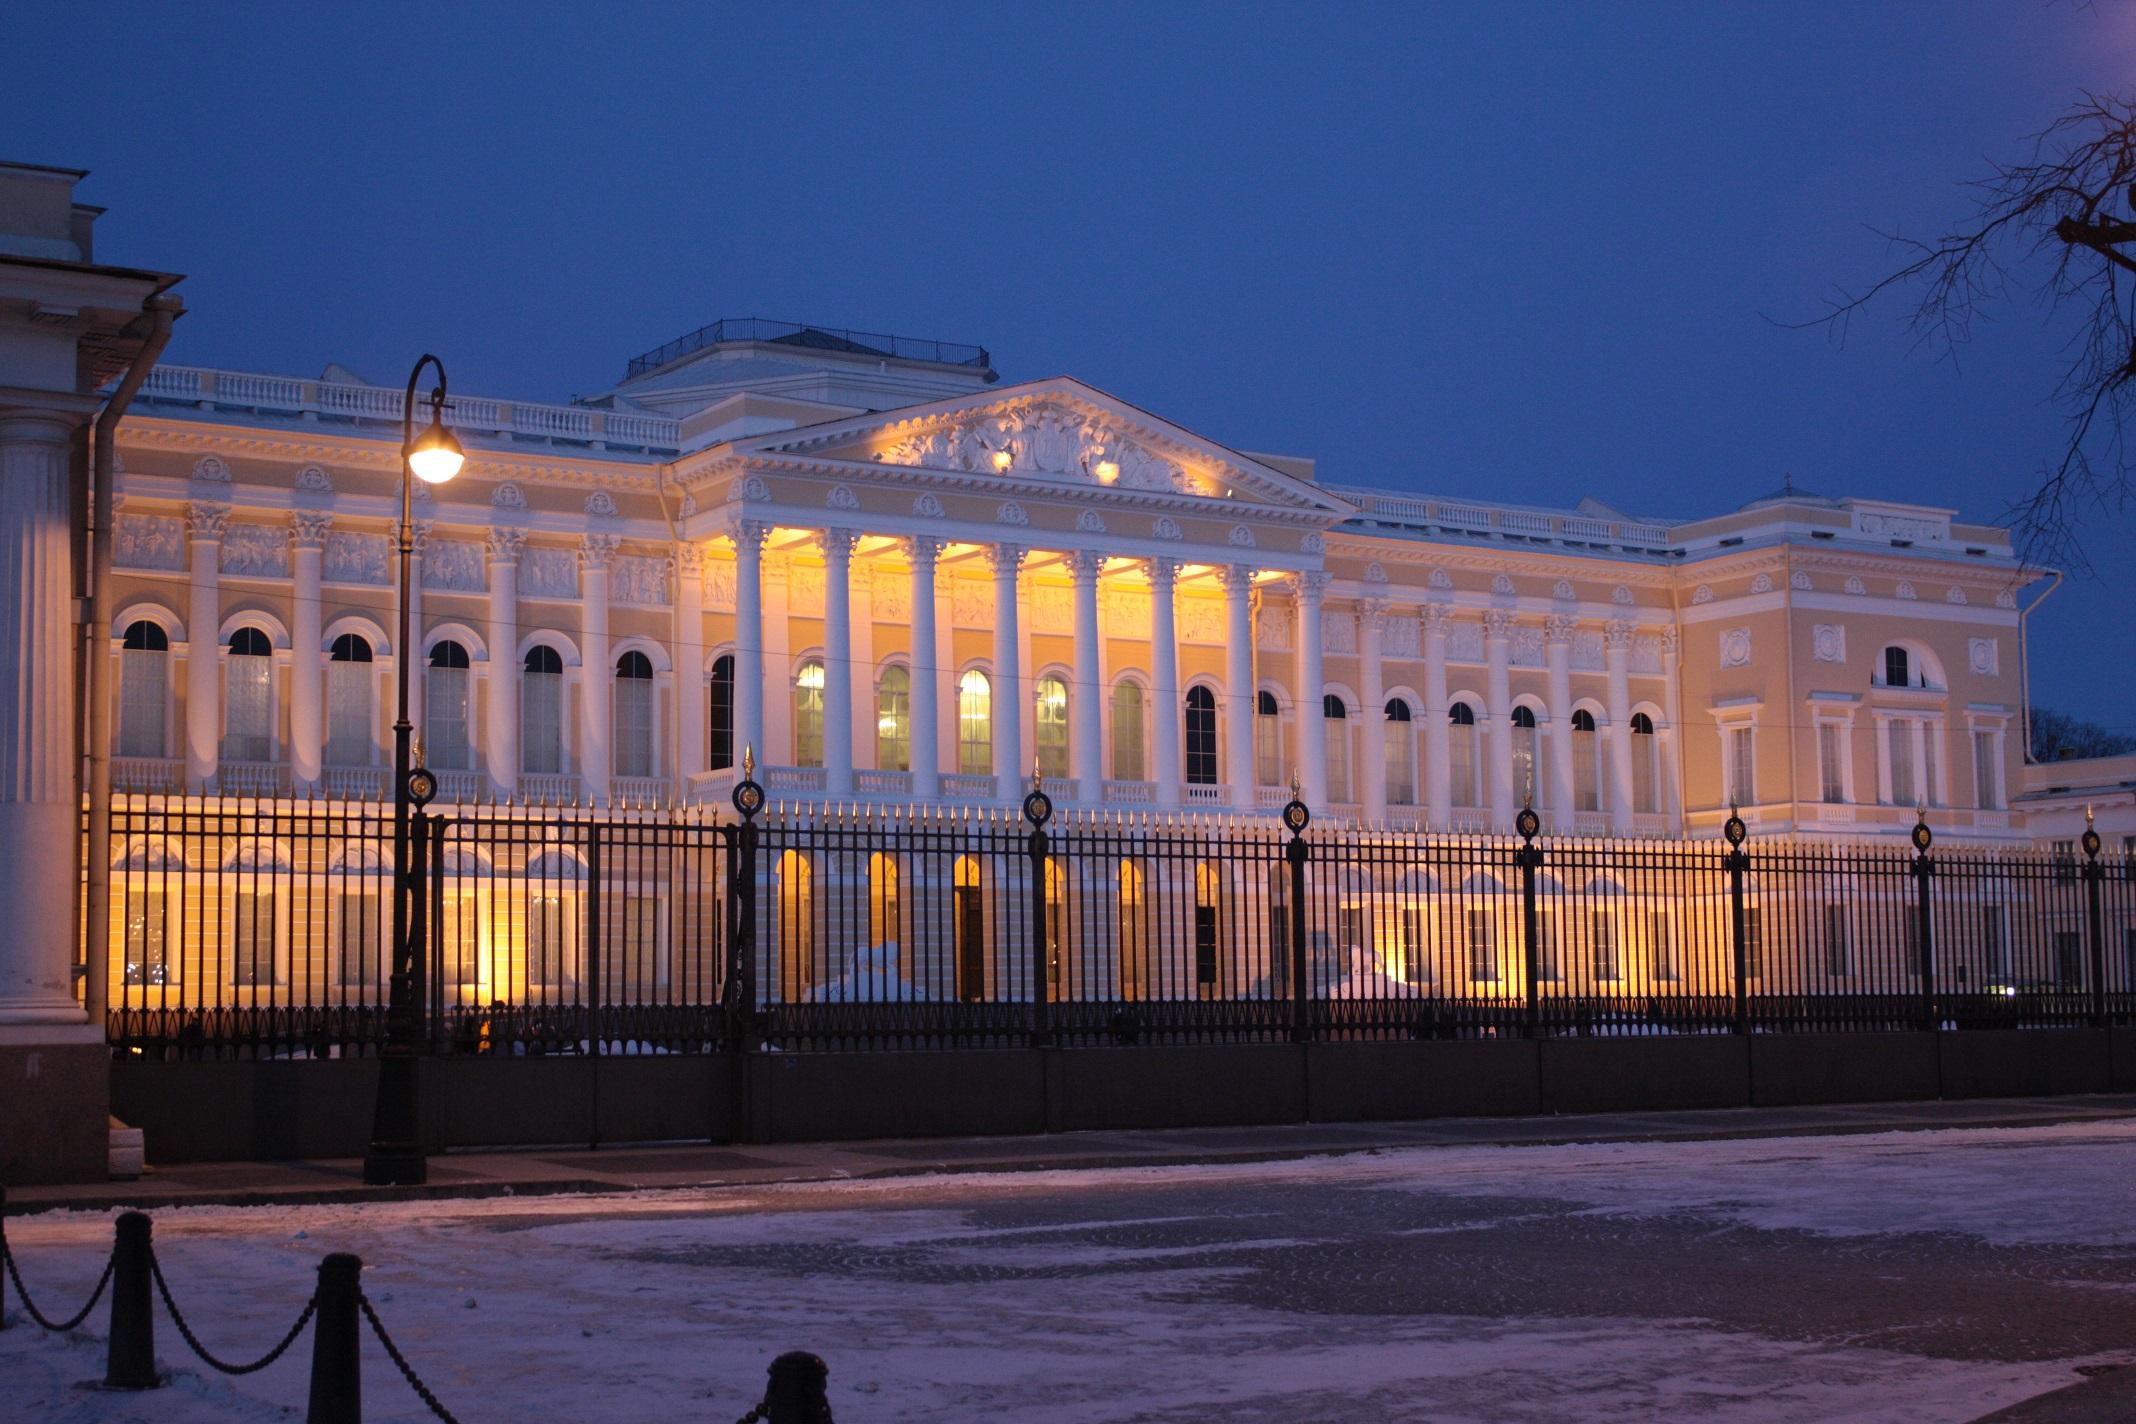 Русский музей (Михайловский дворец) ранним вечером. Автор фото: NGC 7070 (Wikimedia Commons)